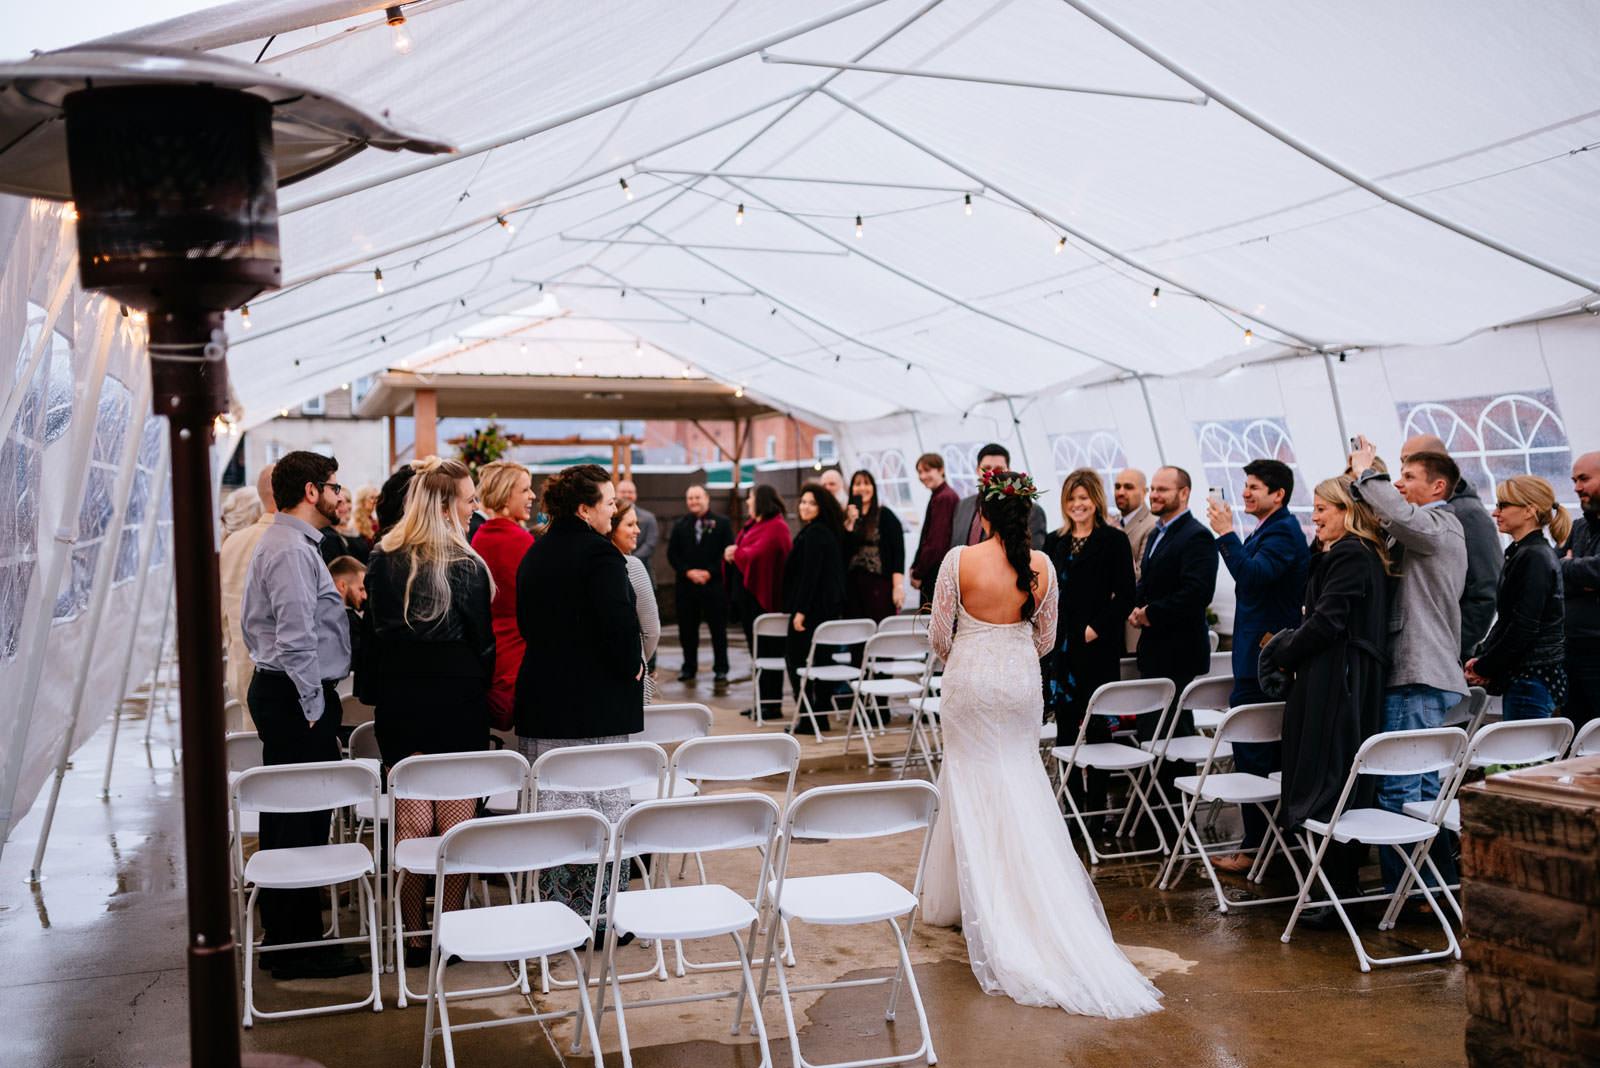 bride walking down aisle chesnut hotel wedding